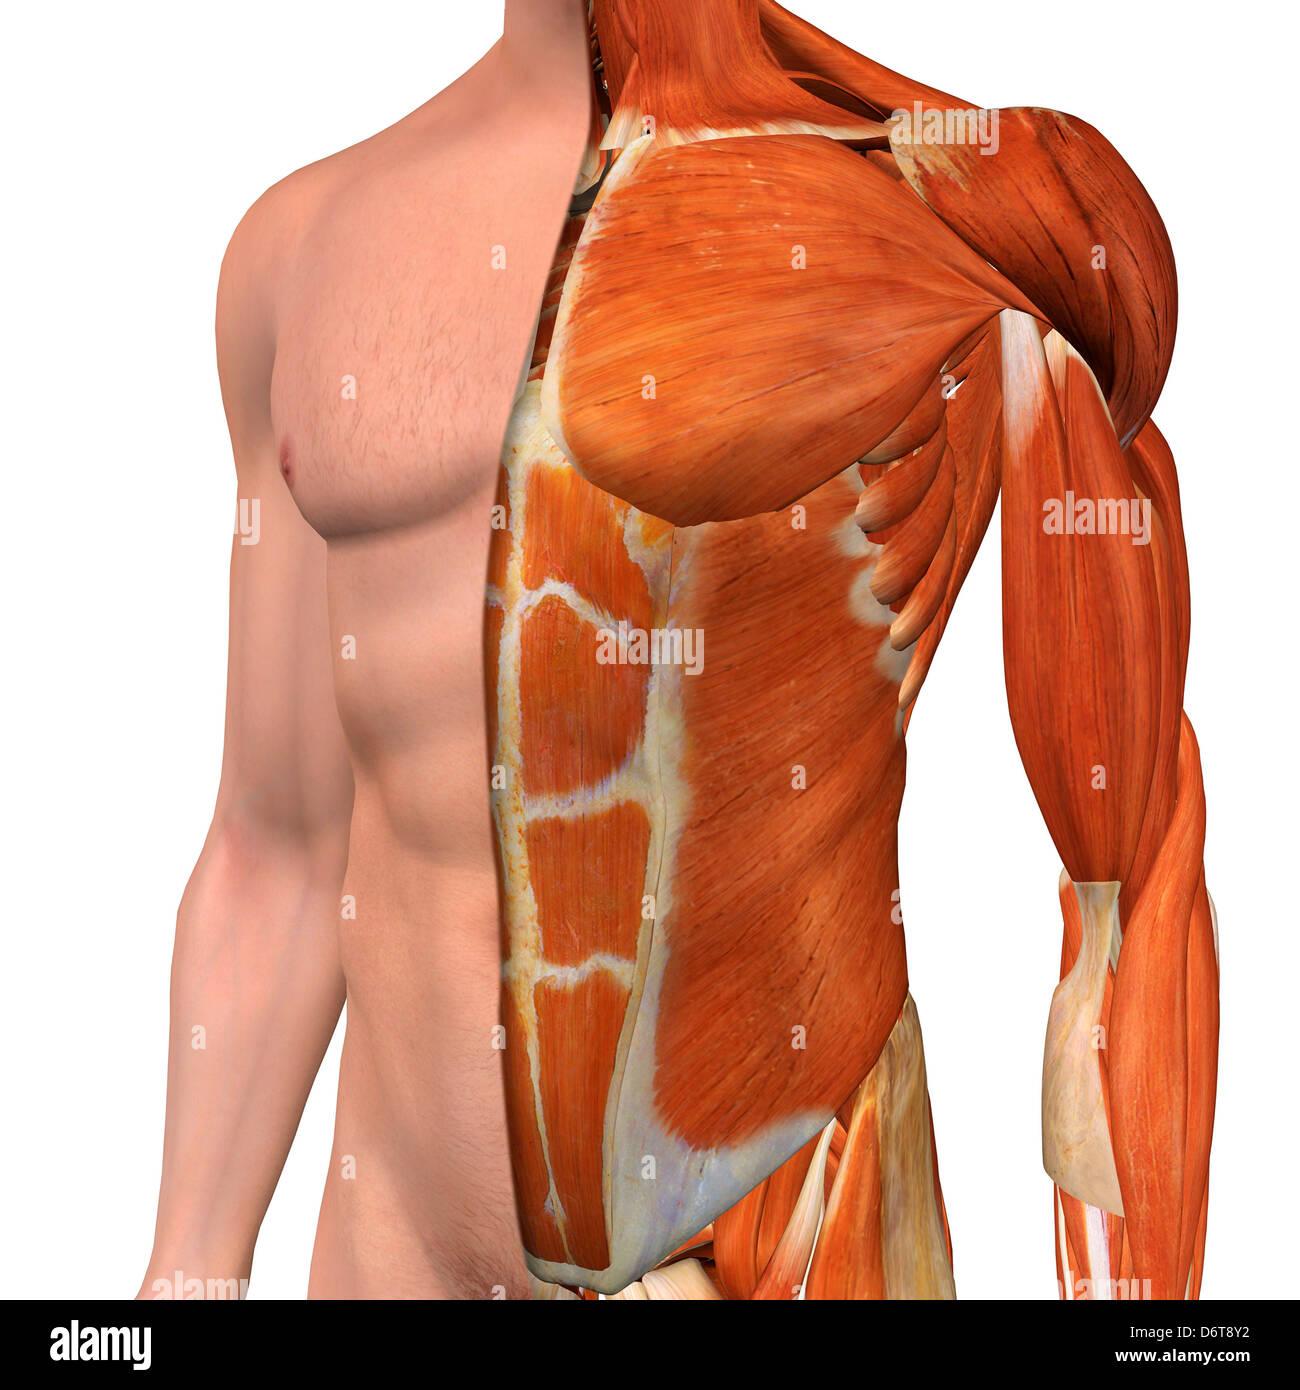 Famoso Anatomía Masculina Inferior Del Abdomen Motivo - Imágenes de ...